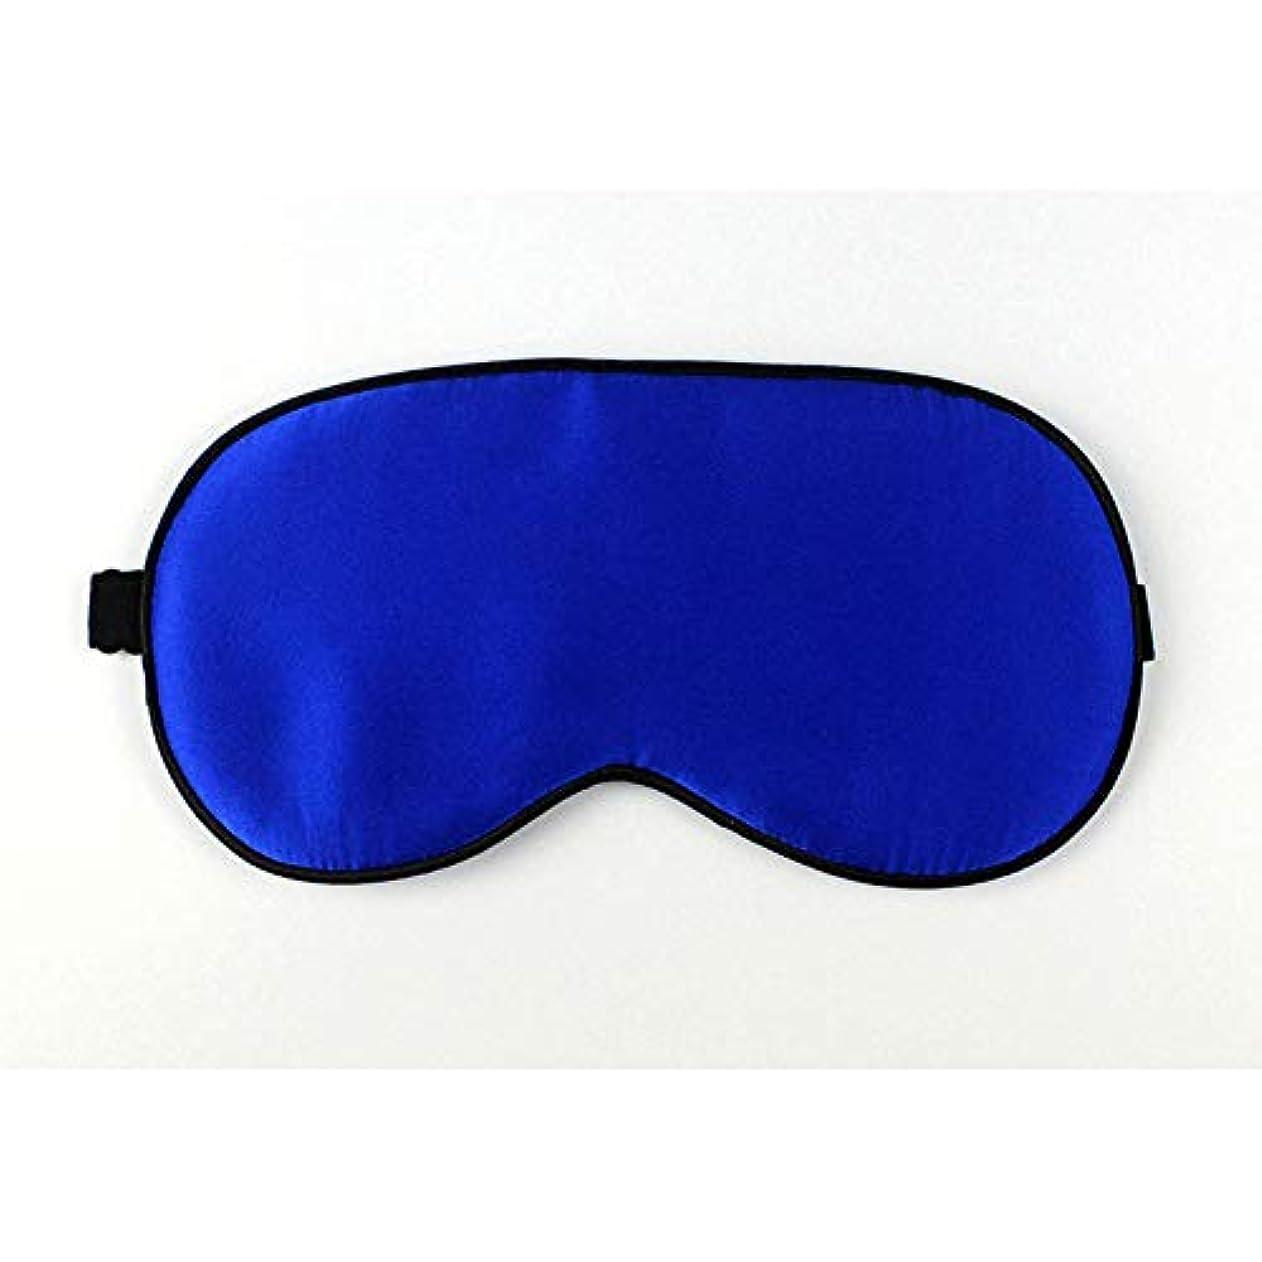 急降下空いている抑圧するXuBa アイマスク ソフト シルク 弾力 睡眠 遮光  完璧な睡眠環境 アイシェード スリープシールド オフィス  ダークブルー